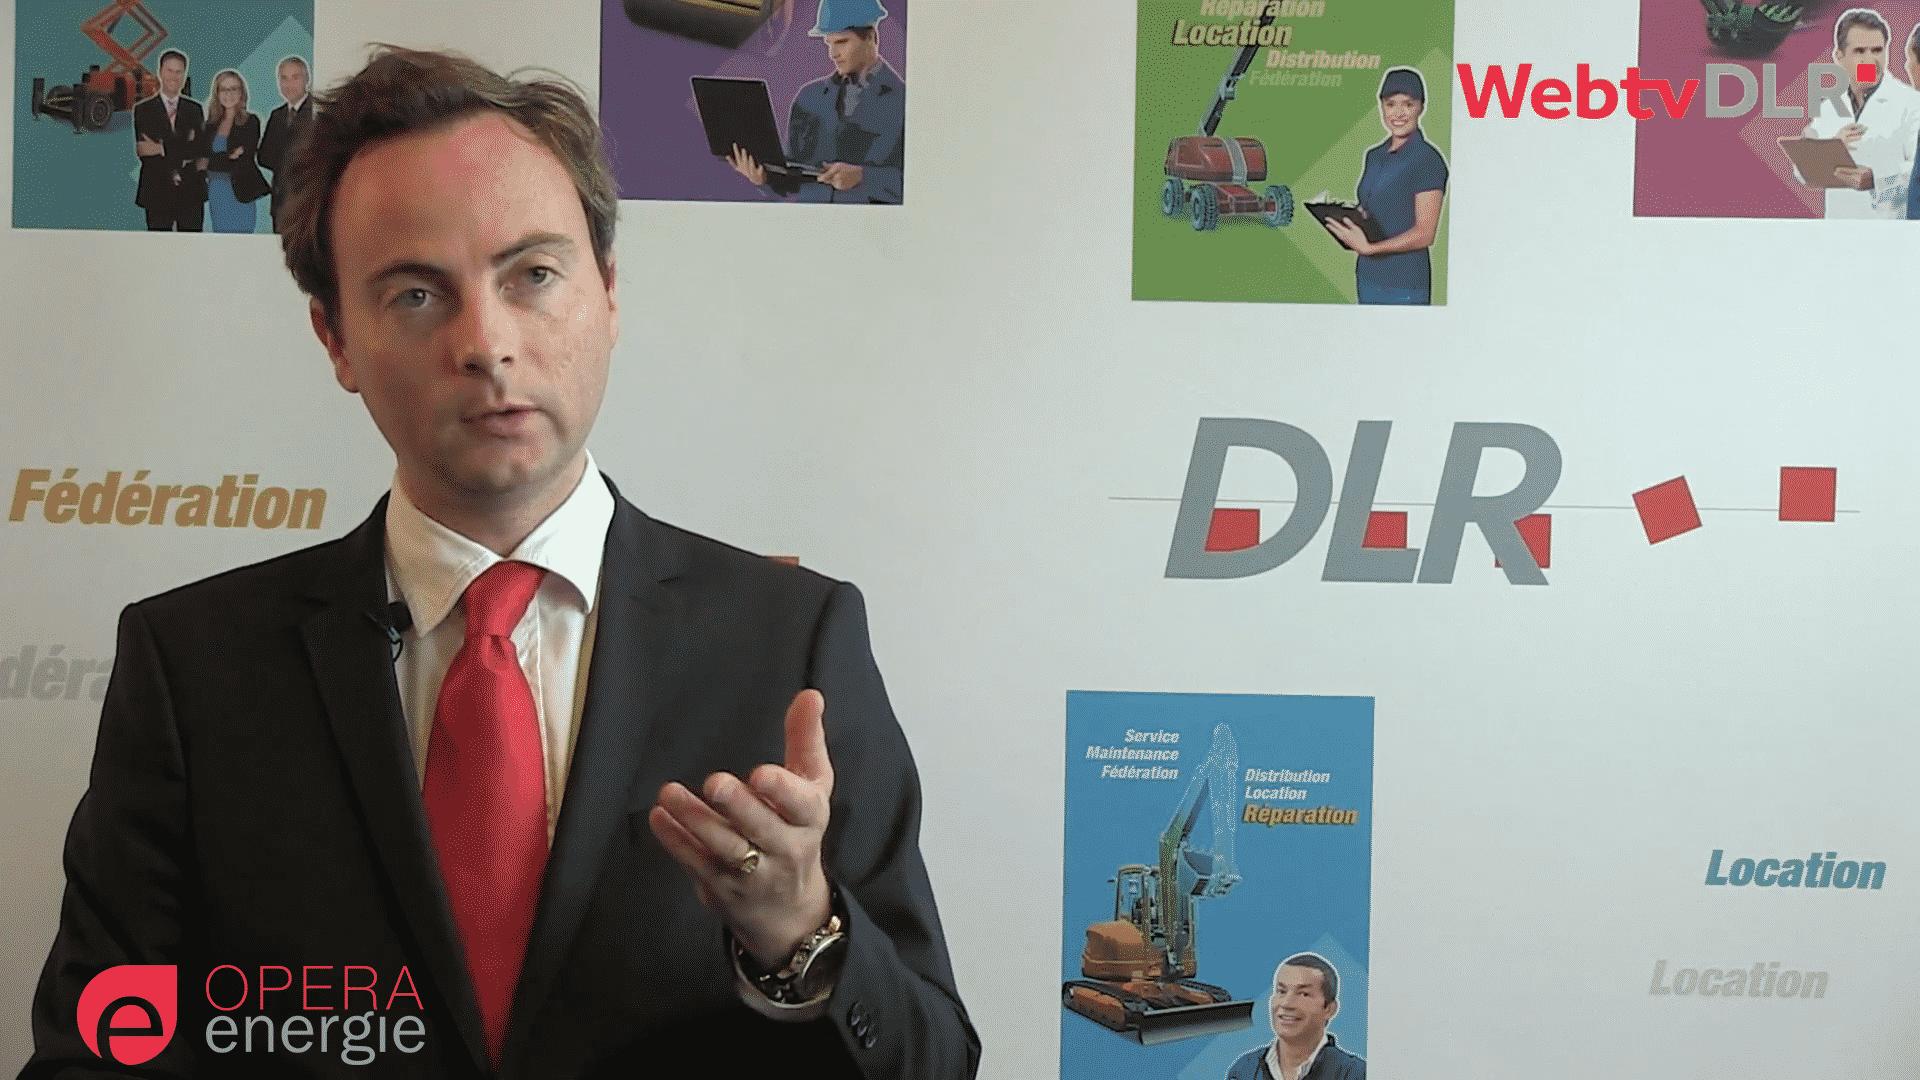 Opéra Energie parle de sa collaboration avec la fédération DLR